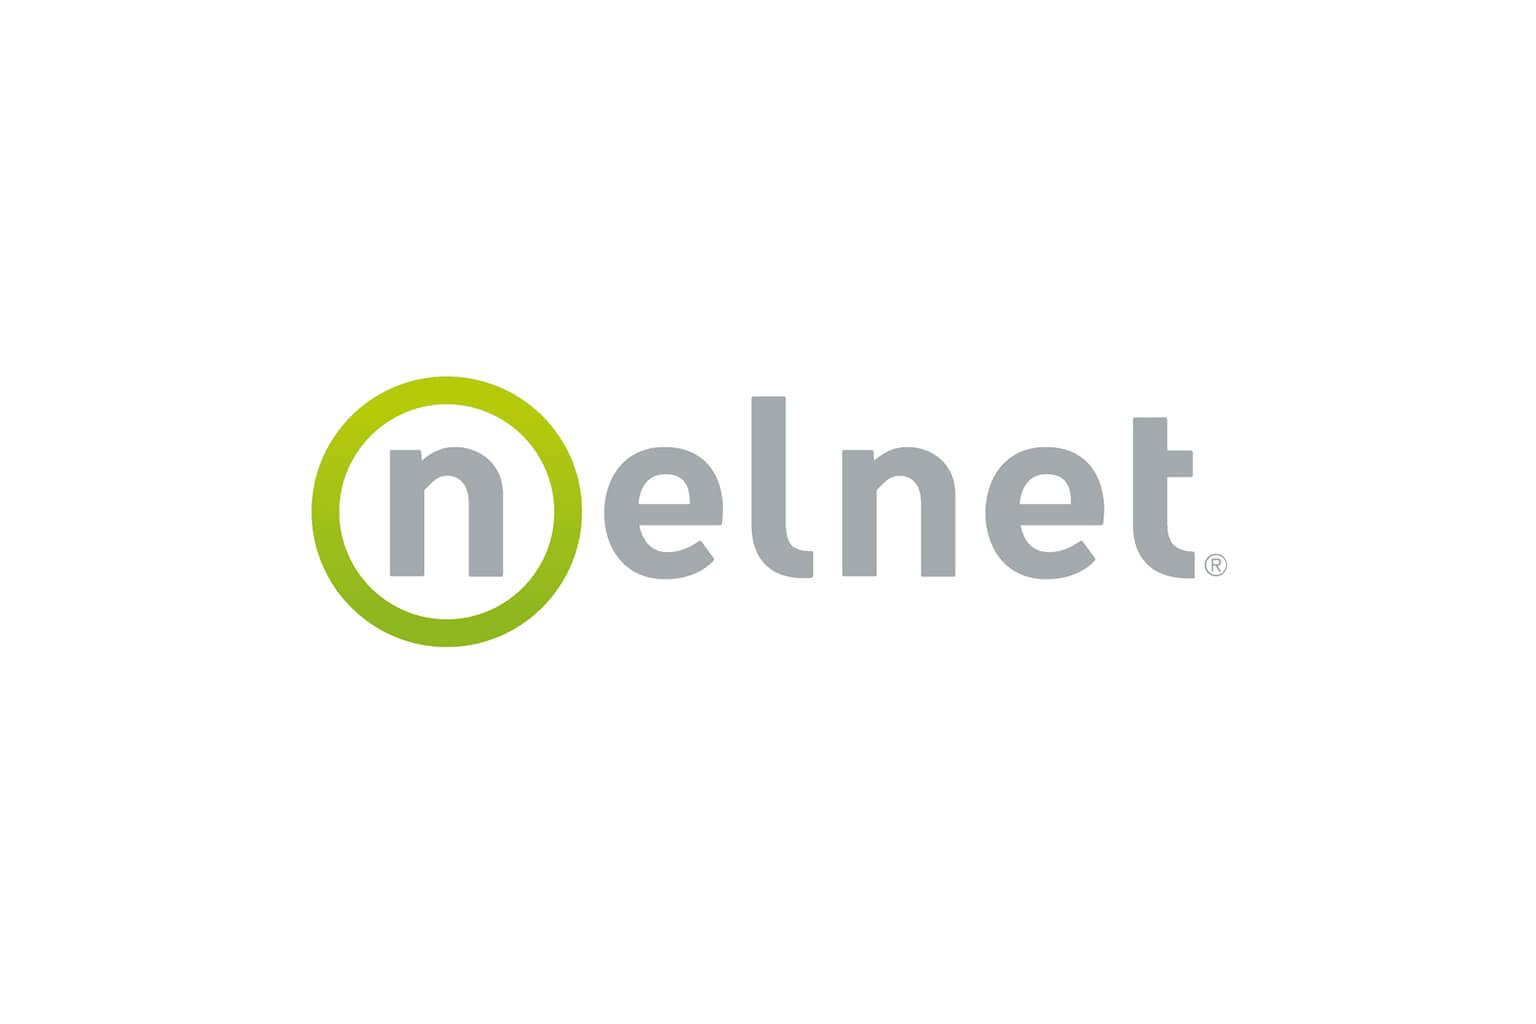 Nelnet Image